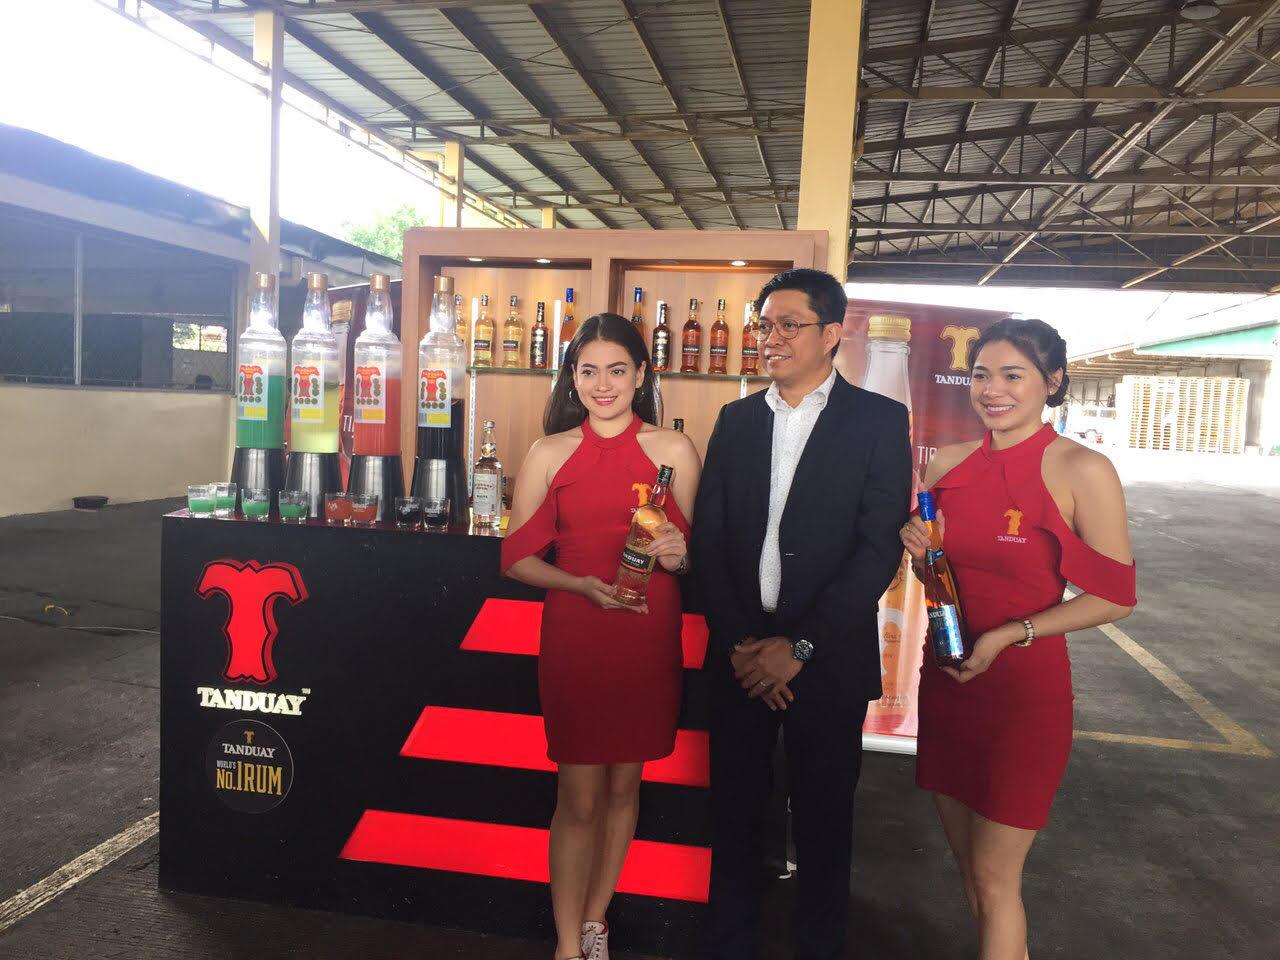 Plant visit at Tanduay Distillers in Laguna.